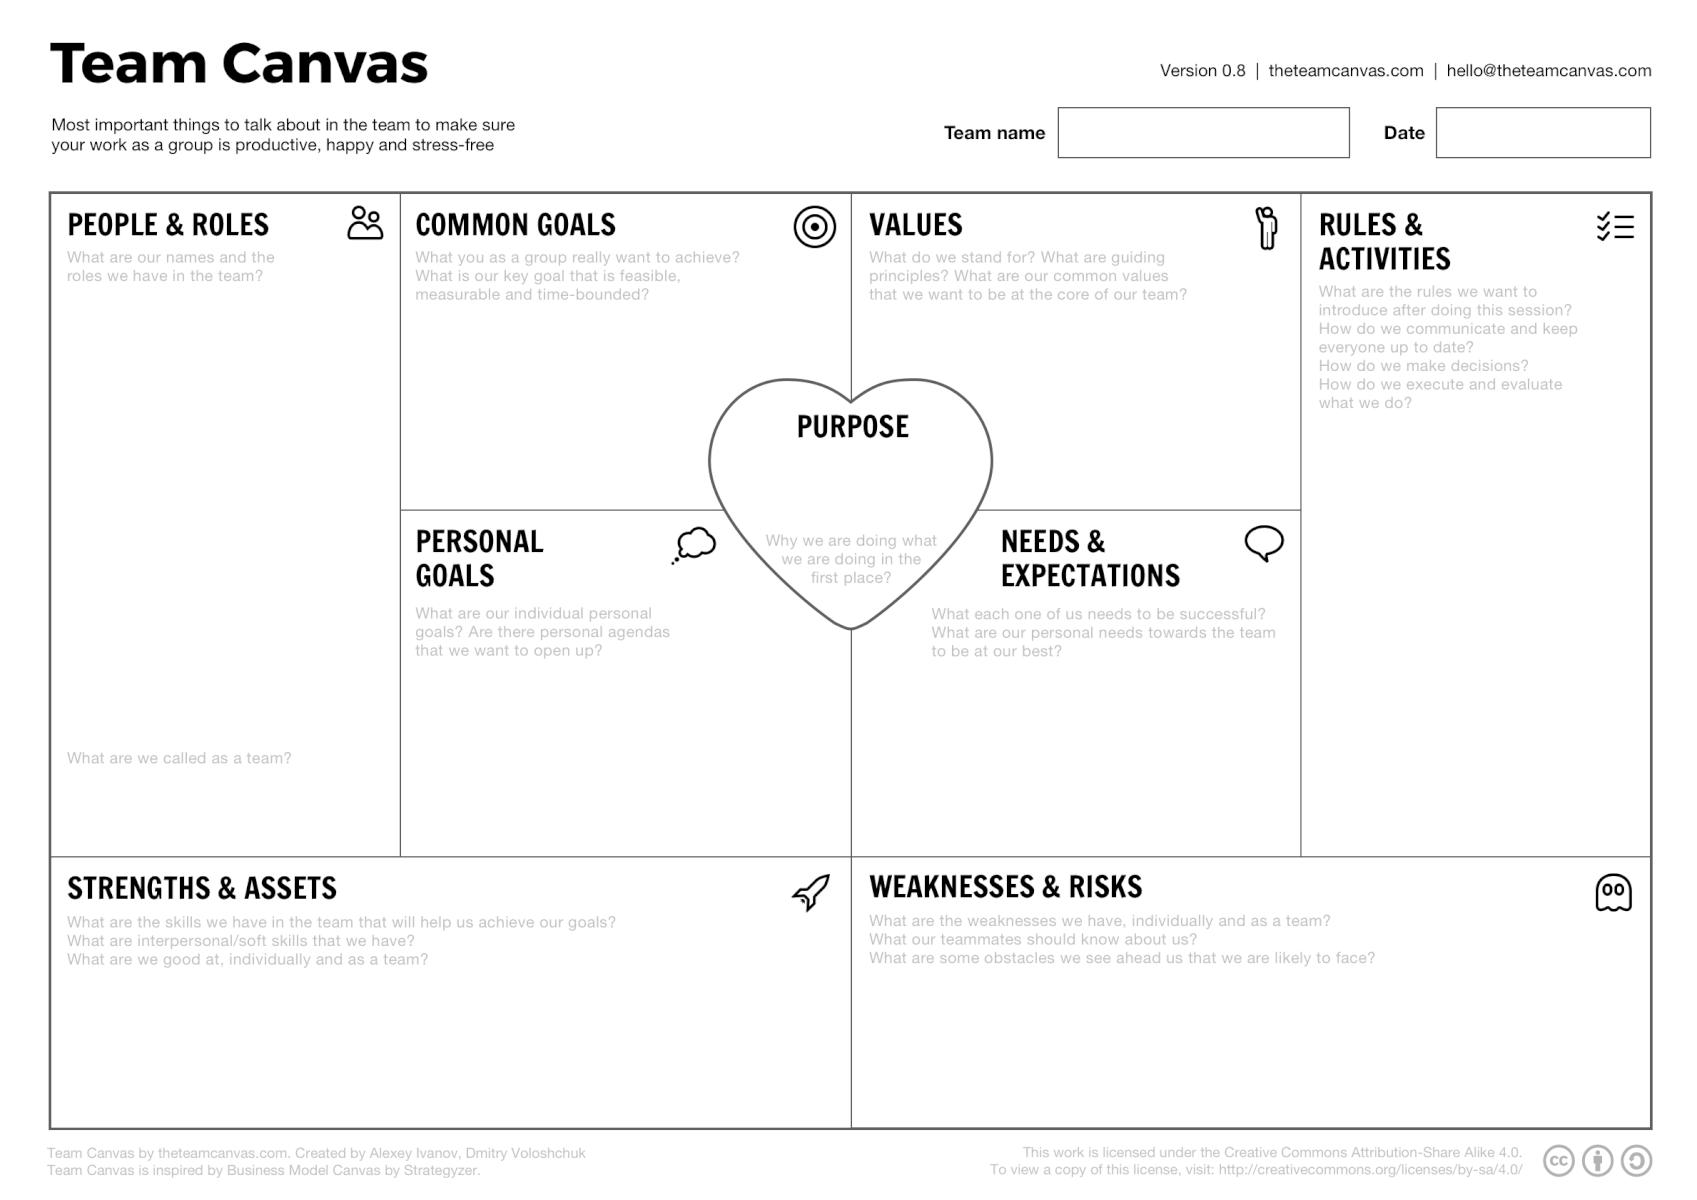 Le Team Canvas Le Business Model Canvas Pour Une Equipe Mieux Organisee